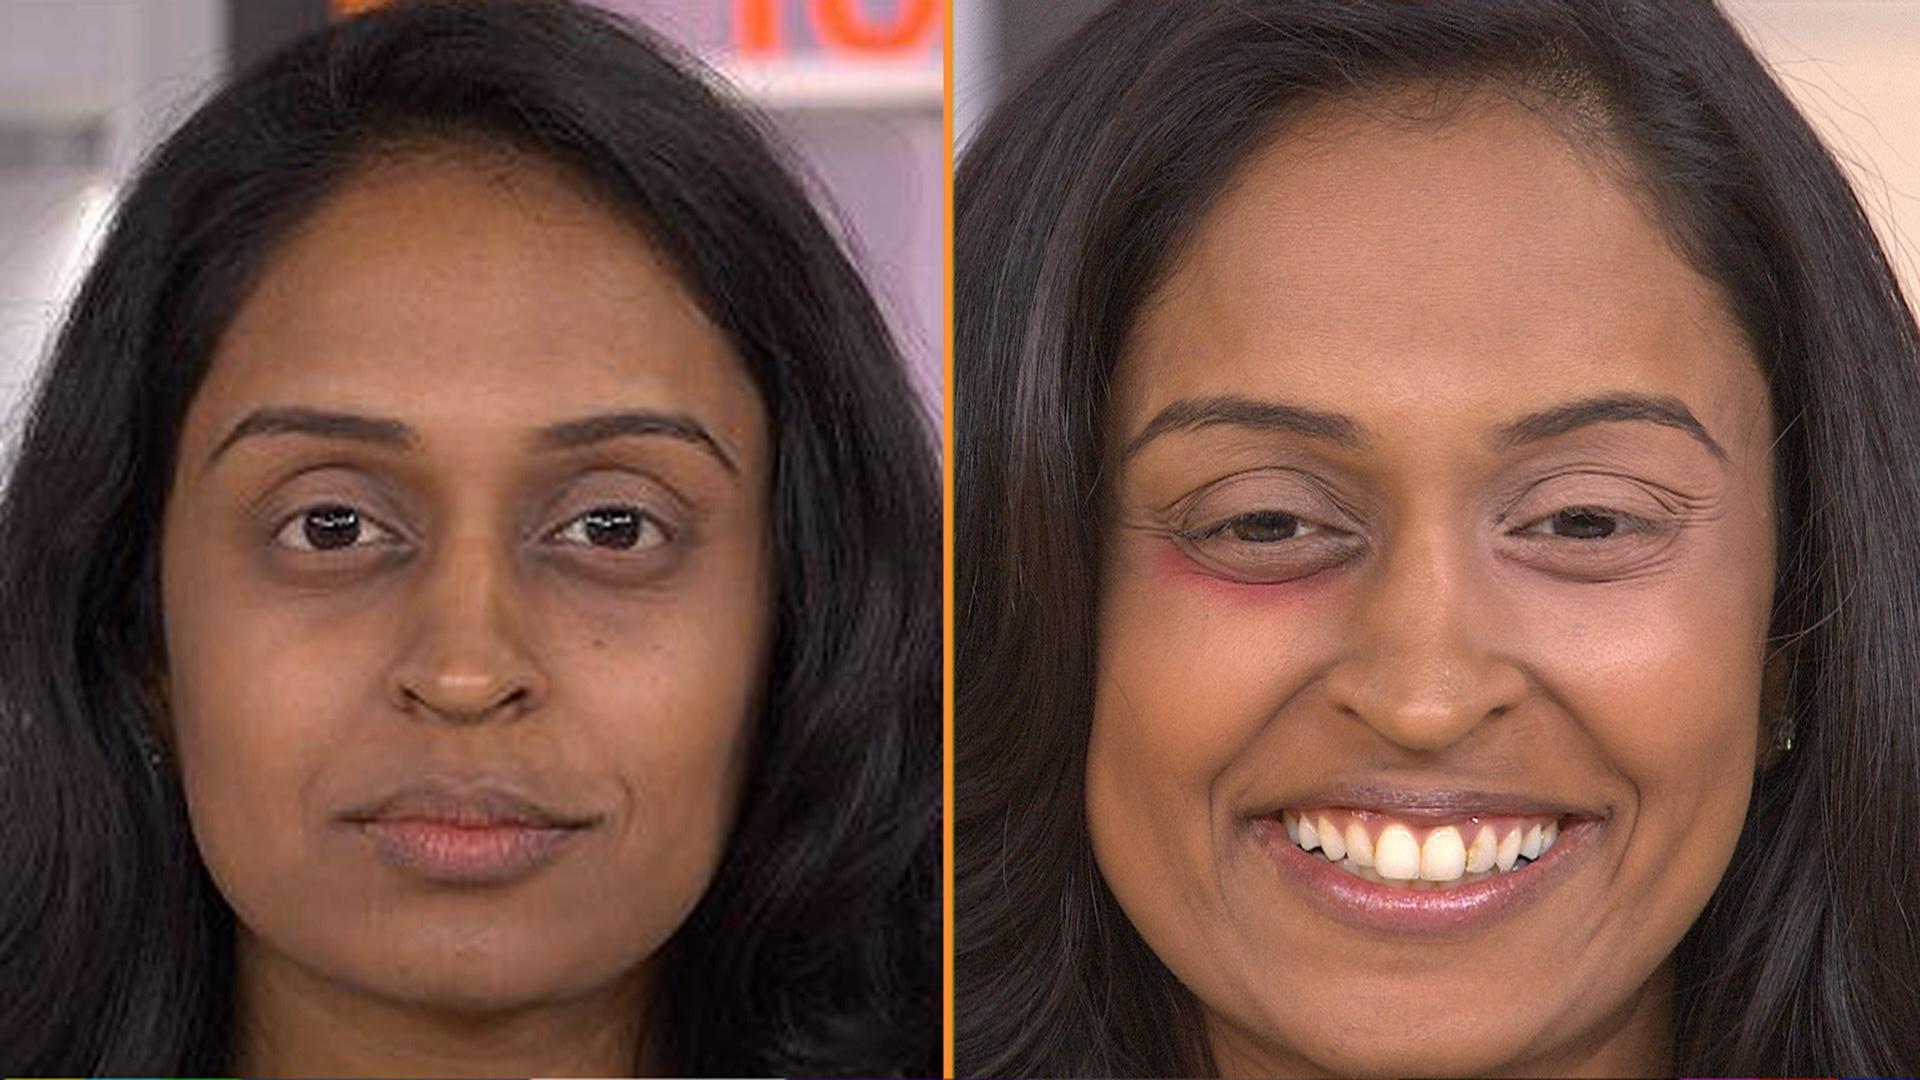 Hemorrhoid Cream Has Weird Benefits For Under Eye Area